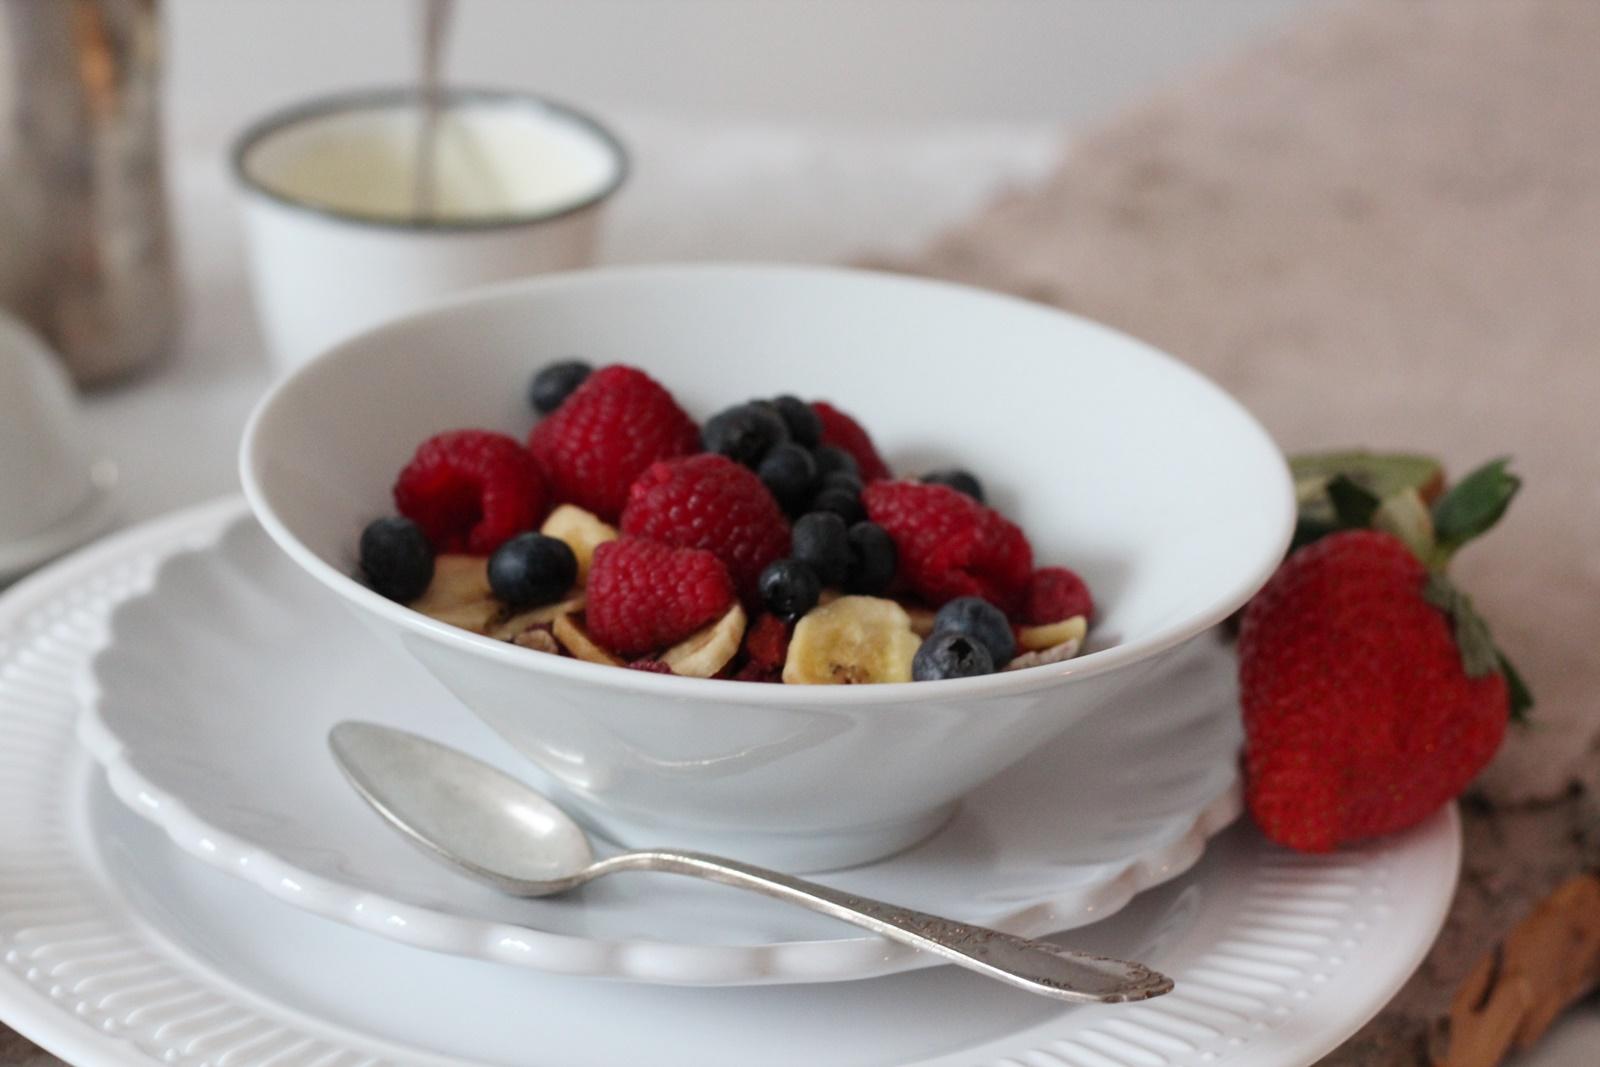 Glamupyourlifestyle Zucker-Detox Zucker Zuckerfalle 22TZD gesunde-Ernährung bewusste-Ernährung